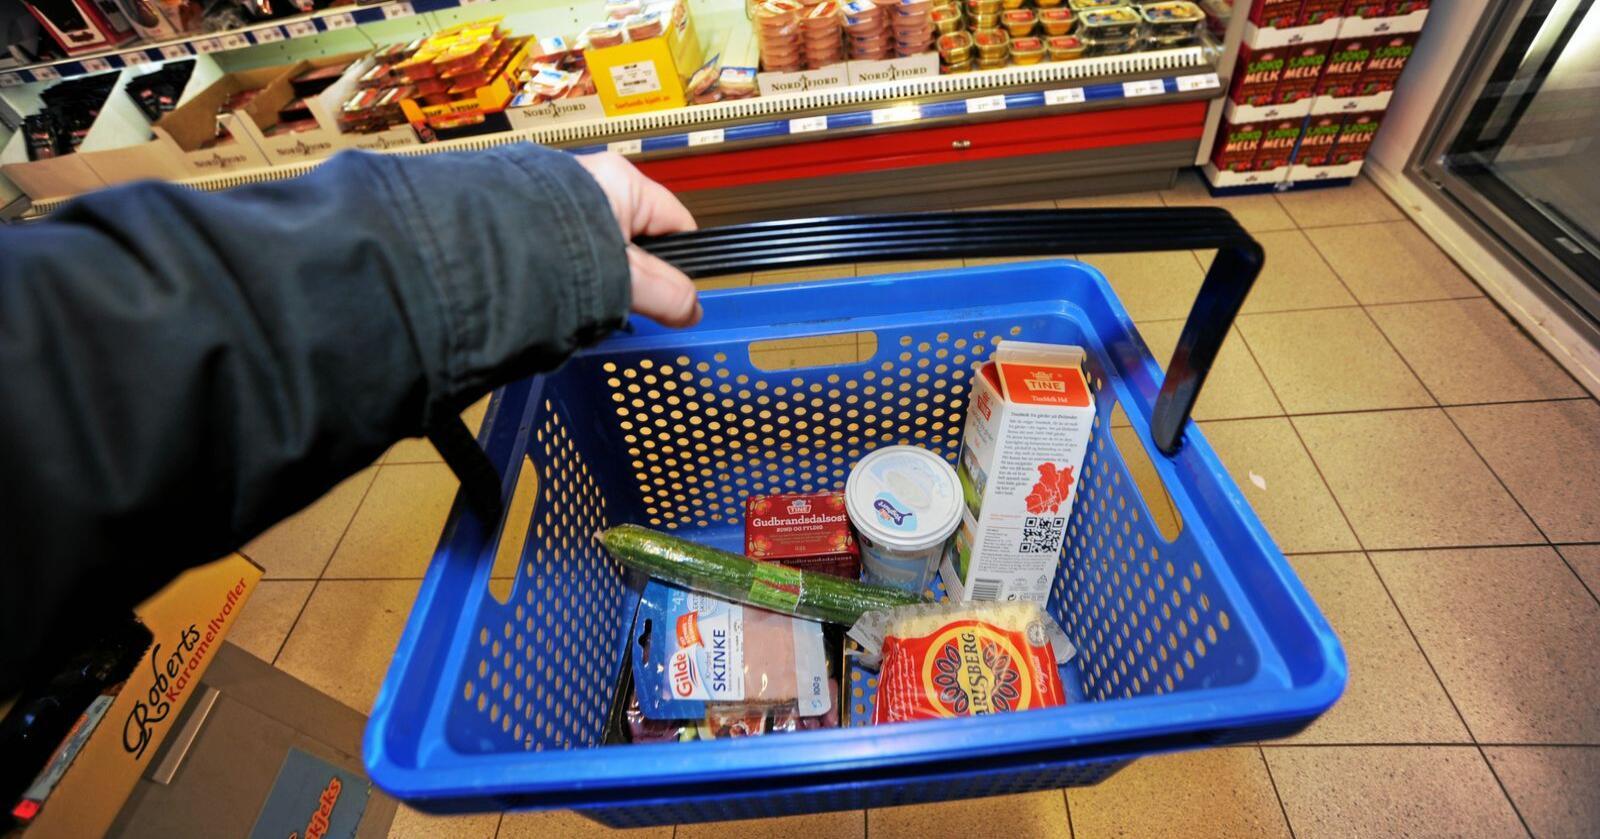 Norske matvarepriser er fortsatt blant Europas høyeste. Fpu mener landbrukssubsidier og importvern er årsaken og vil ha dem bort. Med det forsvinner også 80.000 arbeidsplasser i landbruket, svarer Senterungdommen. Foto: Siri Juell Rasmussen